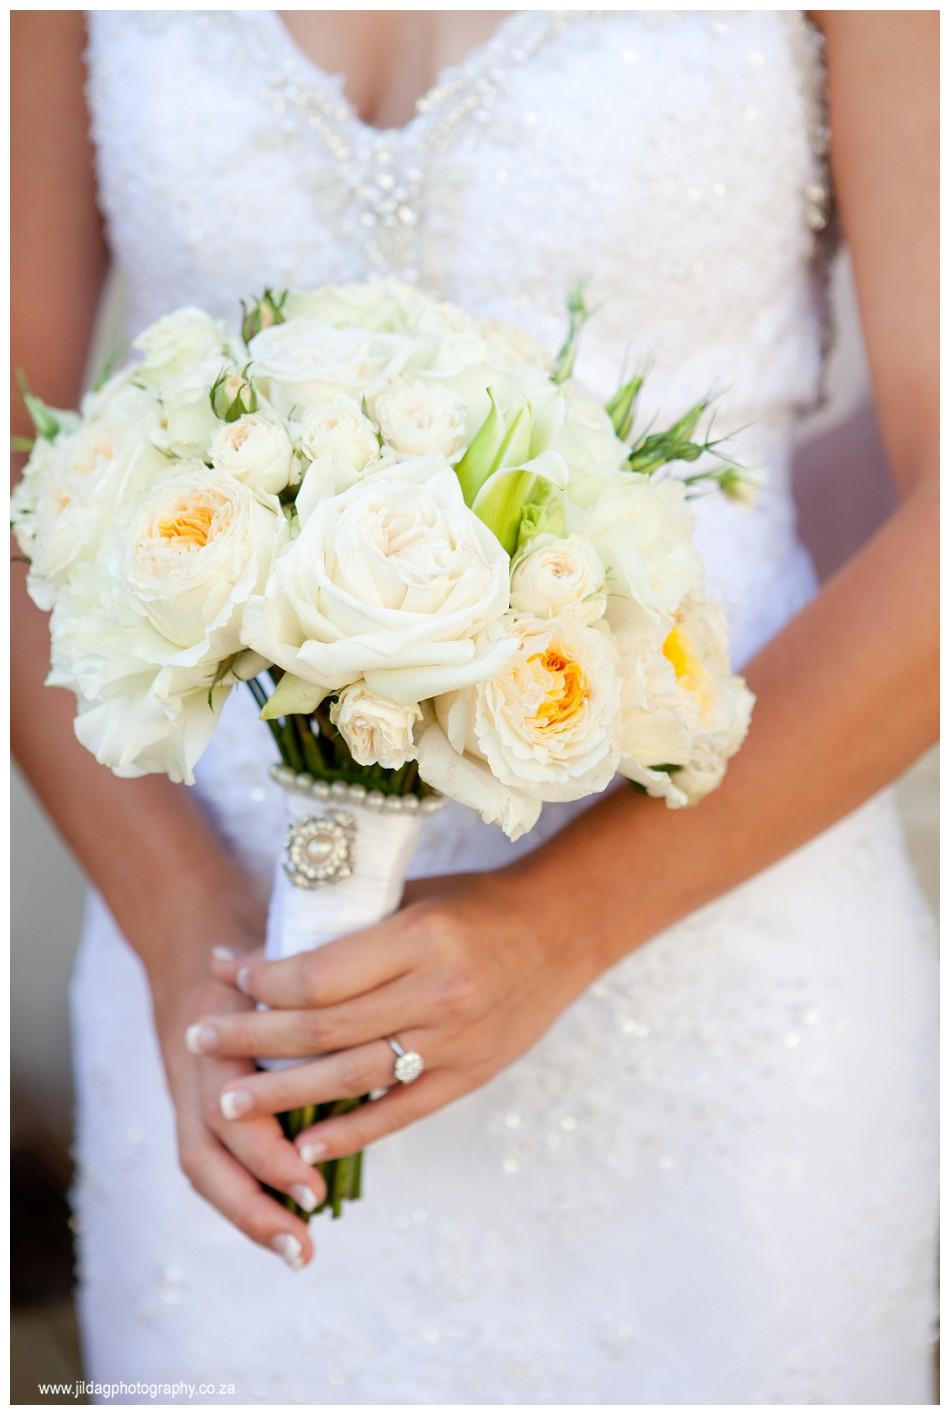 Buitenverwachting - Constantia wedding - Jilda G Photography (14)